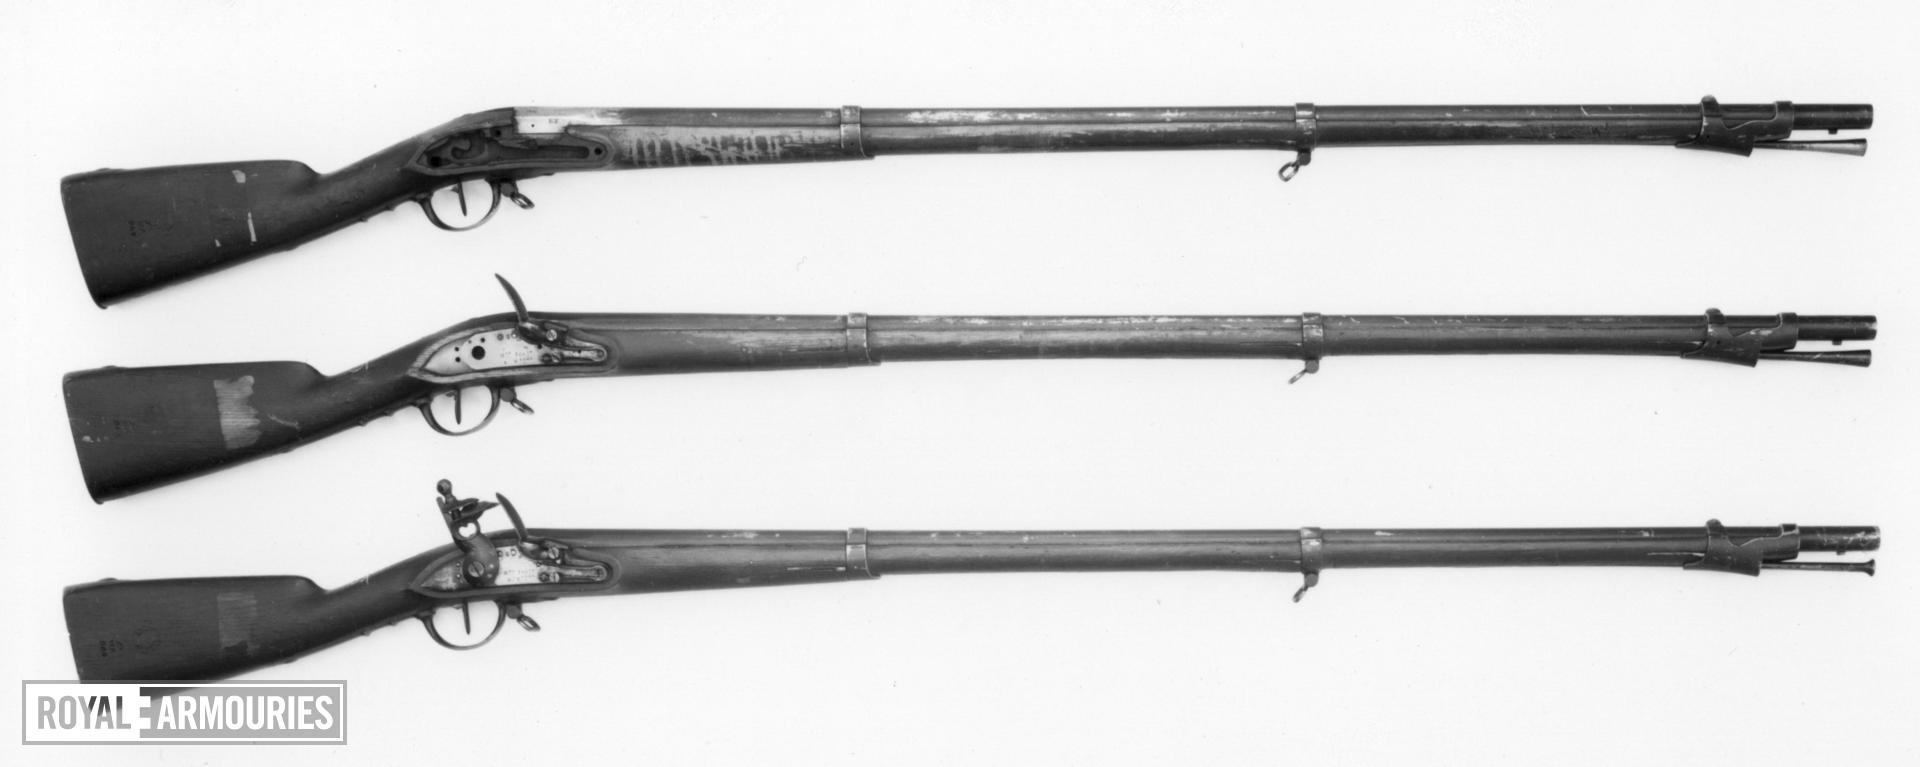 Flintlock muzzle-loading military musket - Model 1777/XIII